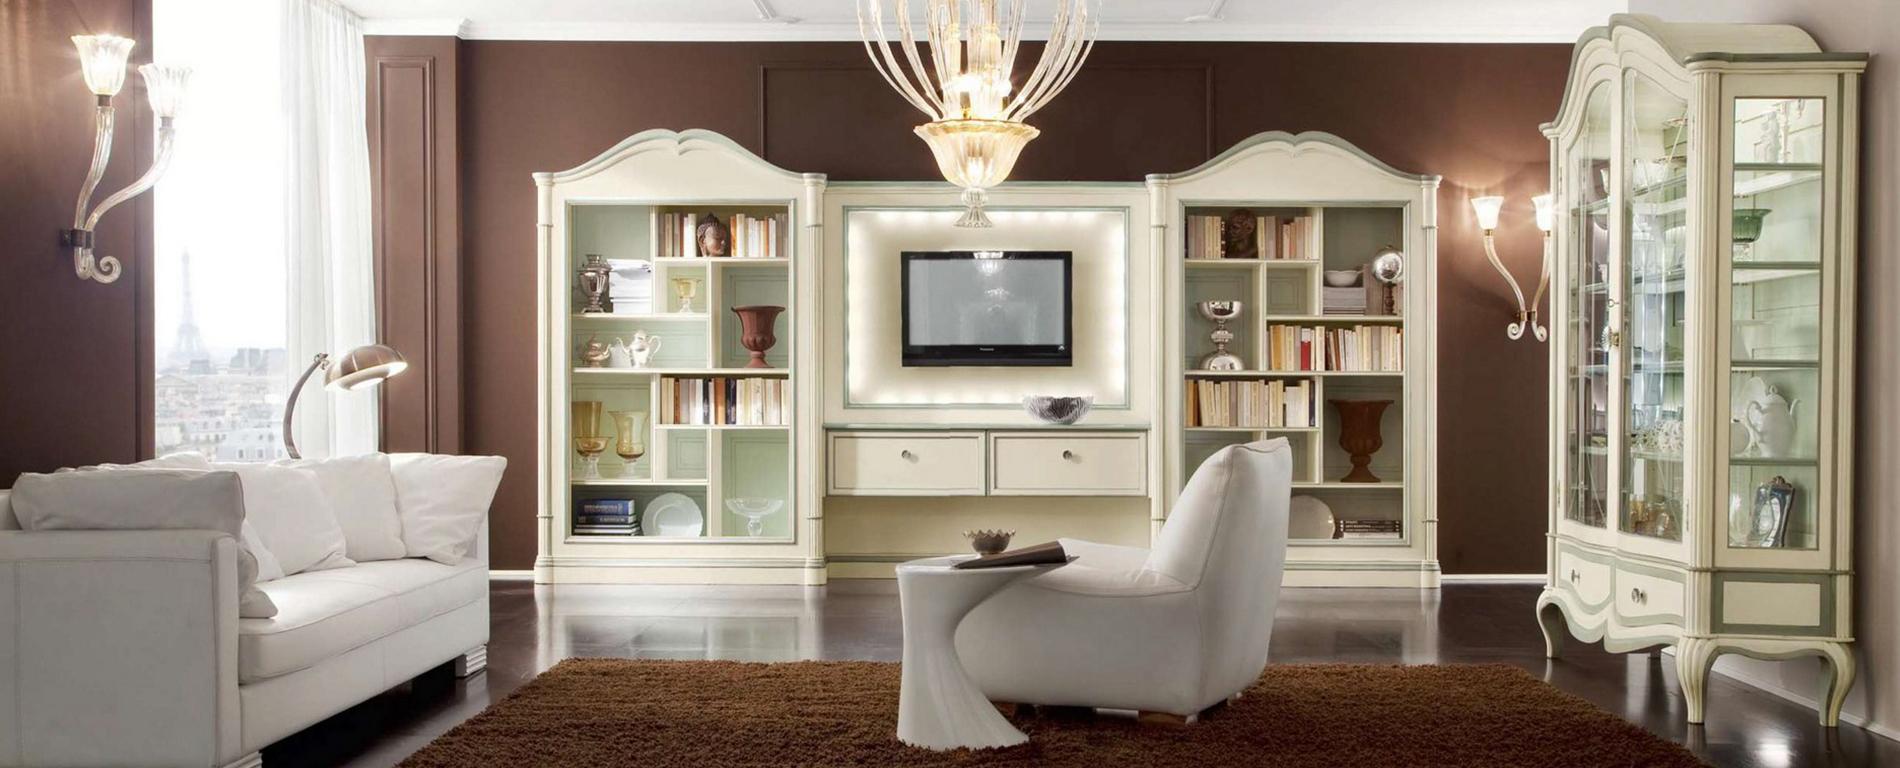 Outlet dell'arredamento, Mobilificio europa, tavoli, sedie